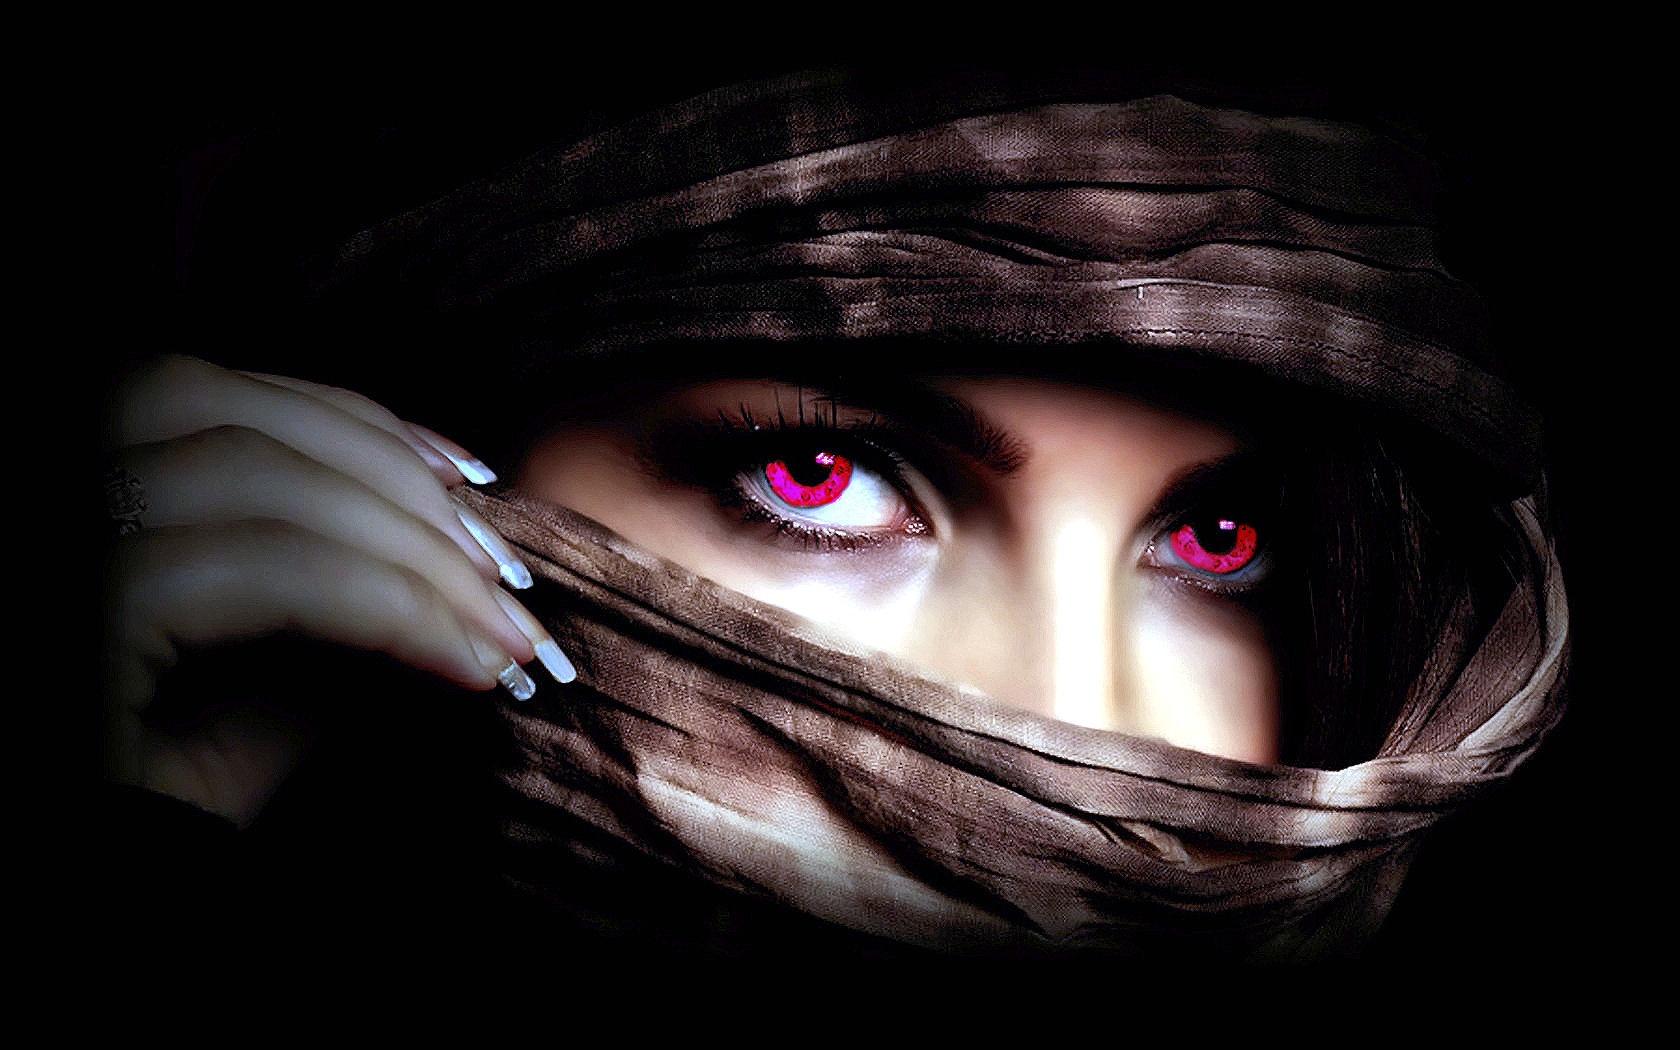 El poder de los ojos.